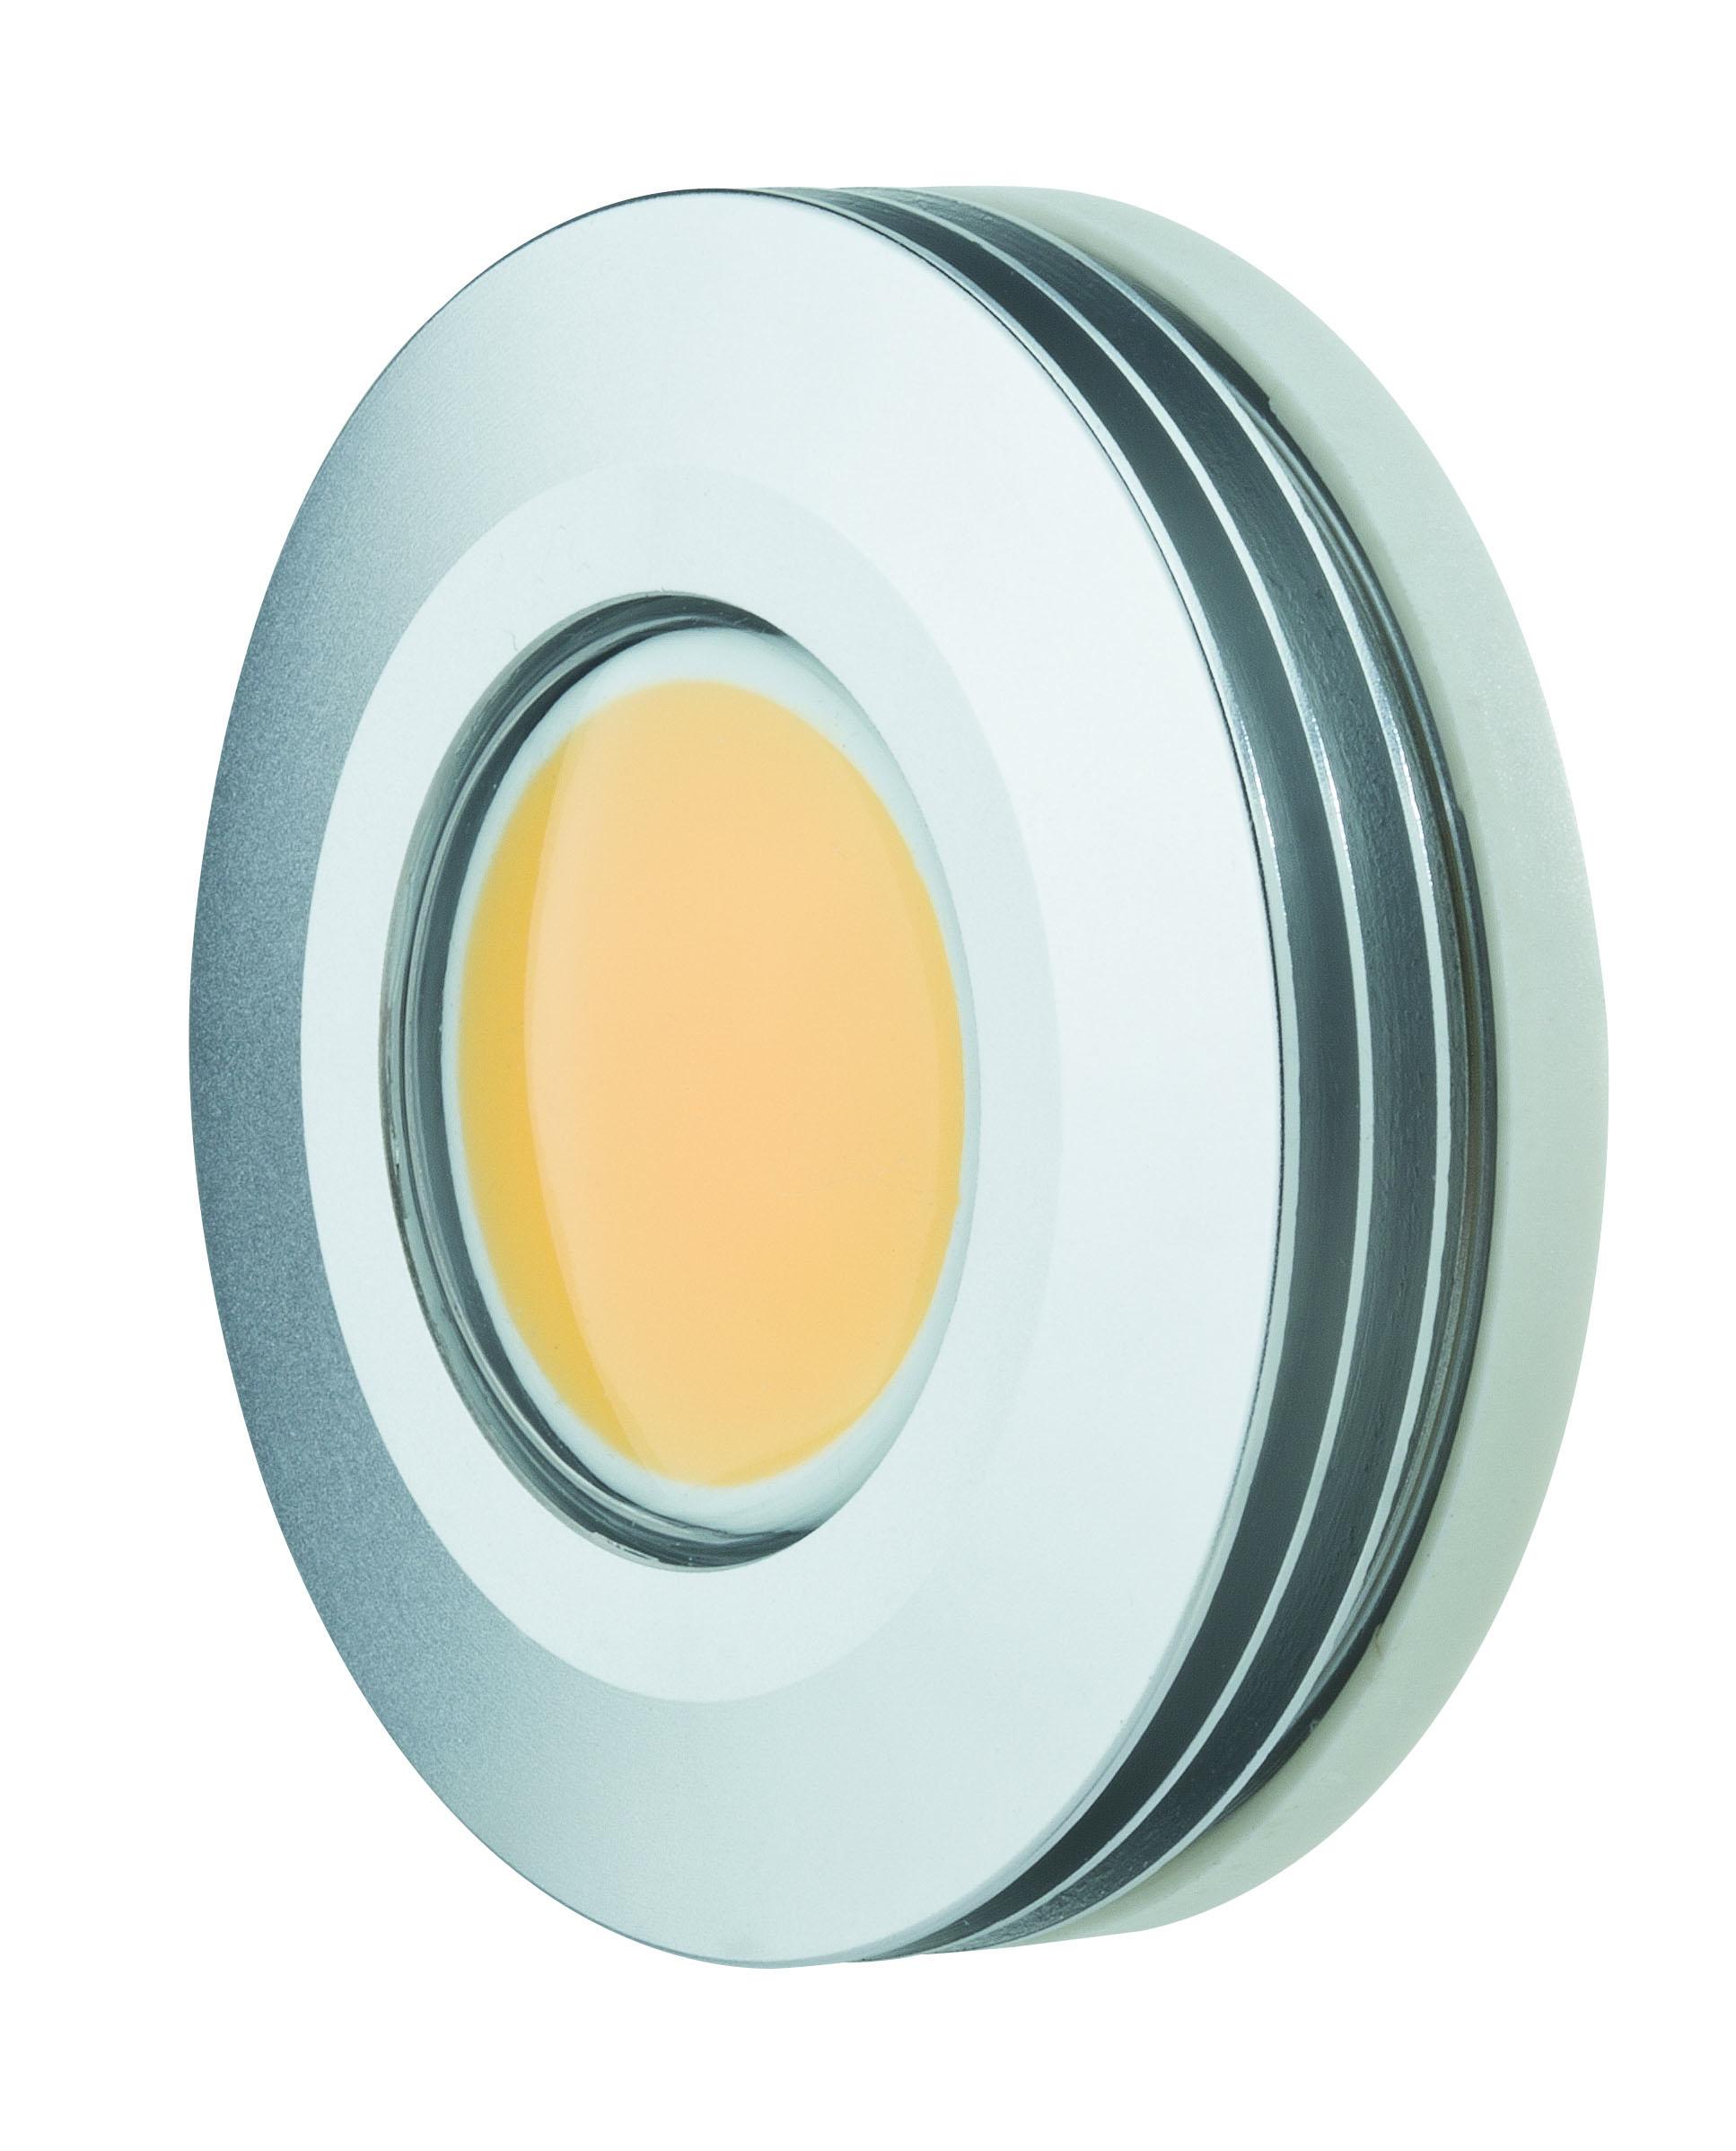 Paulmann LED Disc 8W GX53 230V teplá bílá 28133